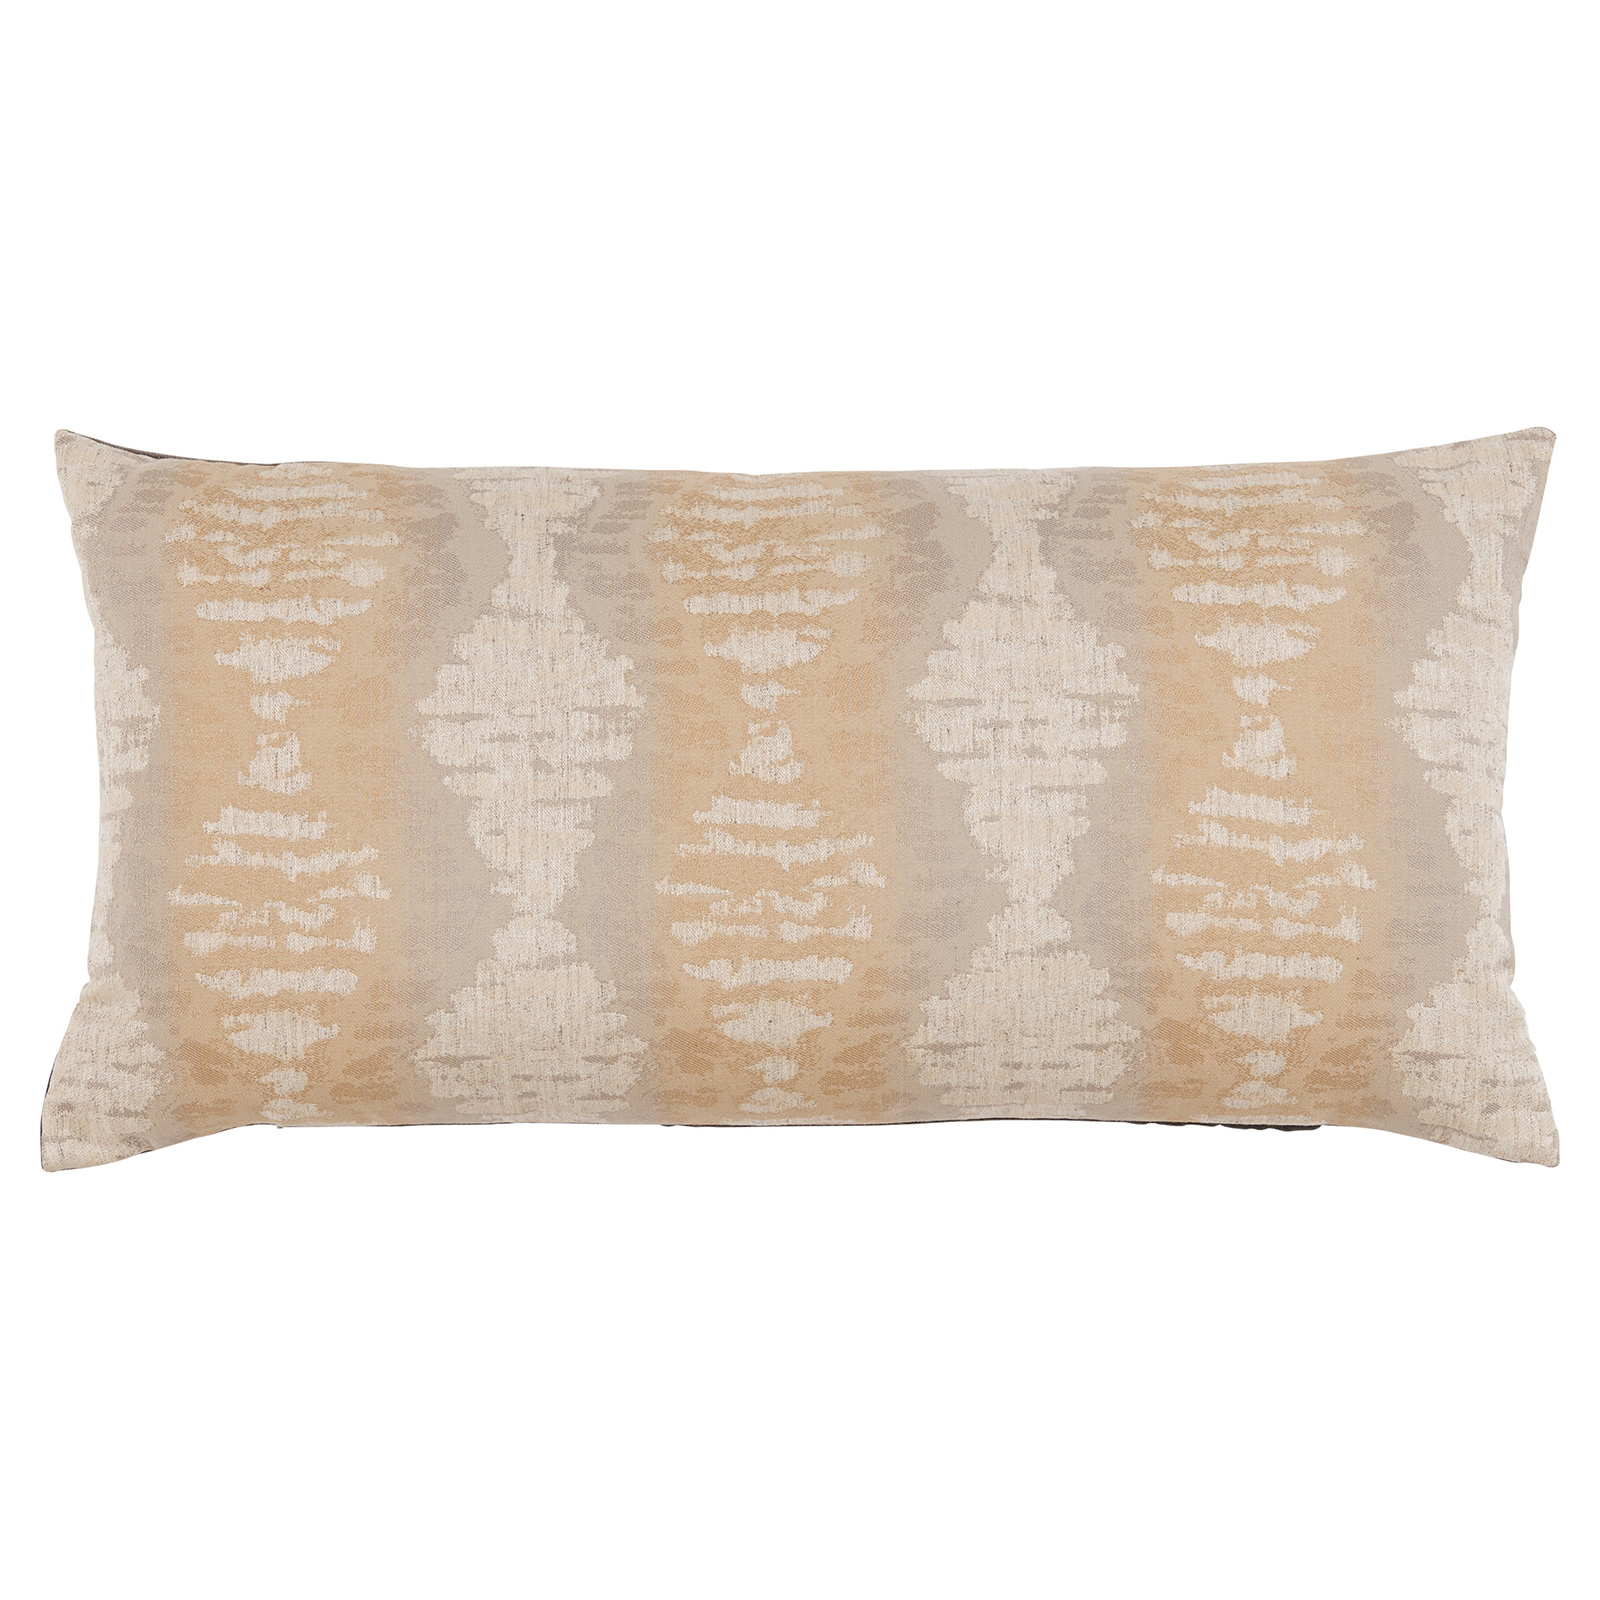 Marnie Global Distressed Diamond Beige Grey Pillow - 14x28